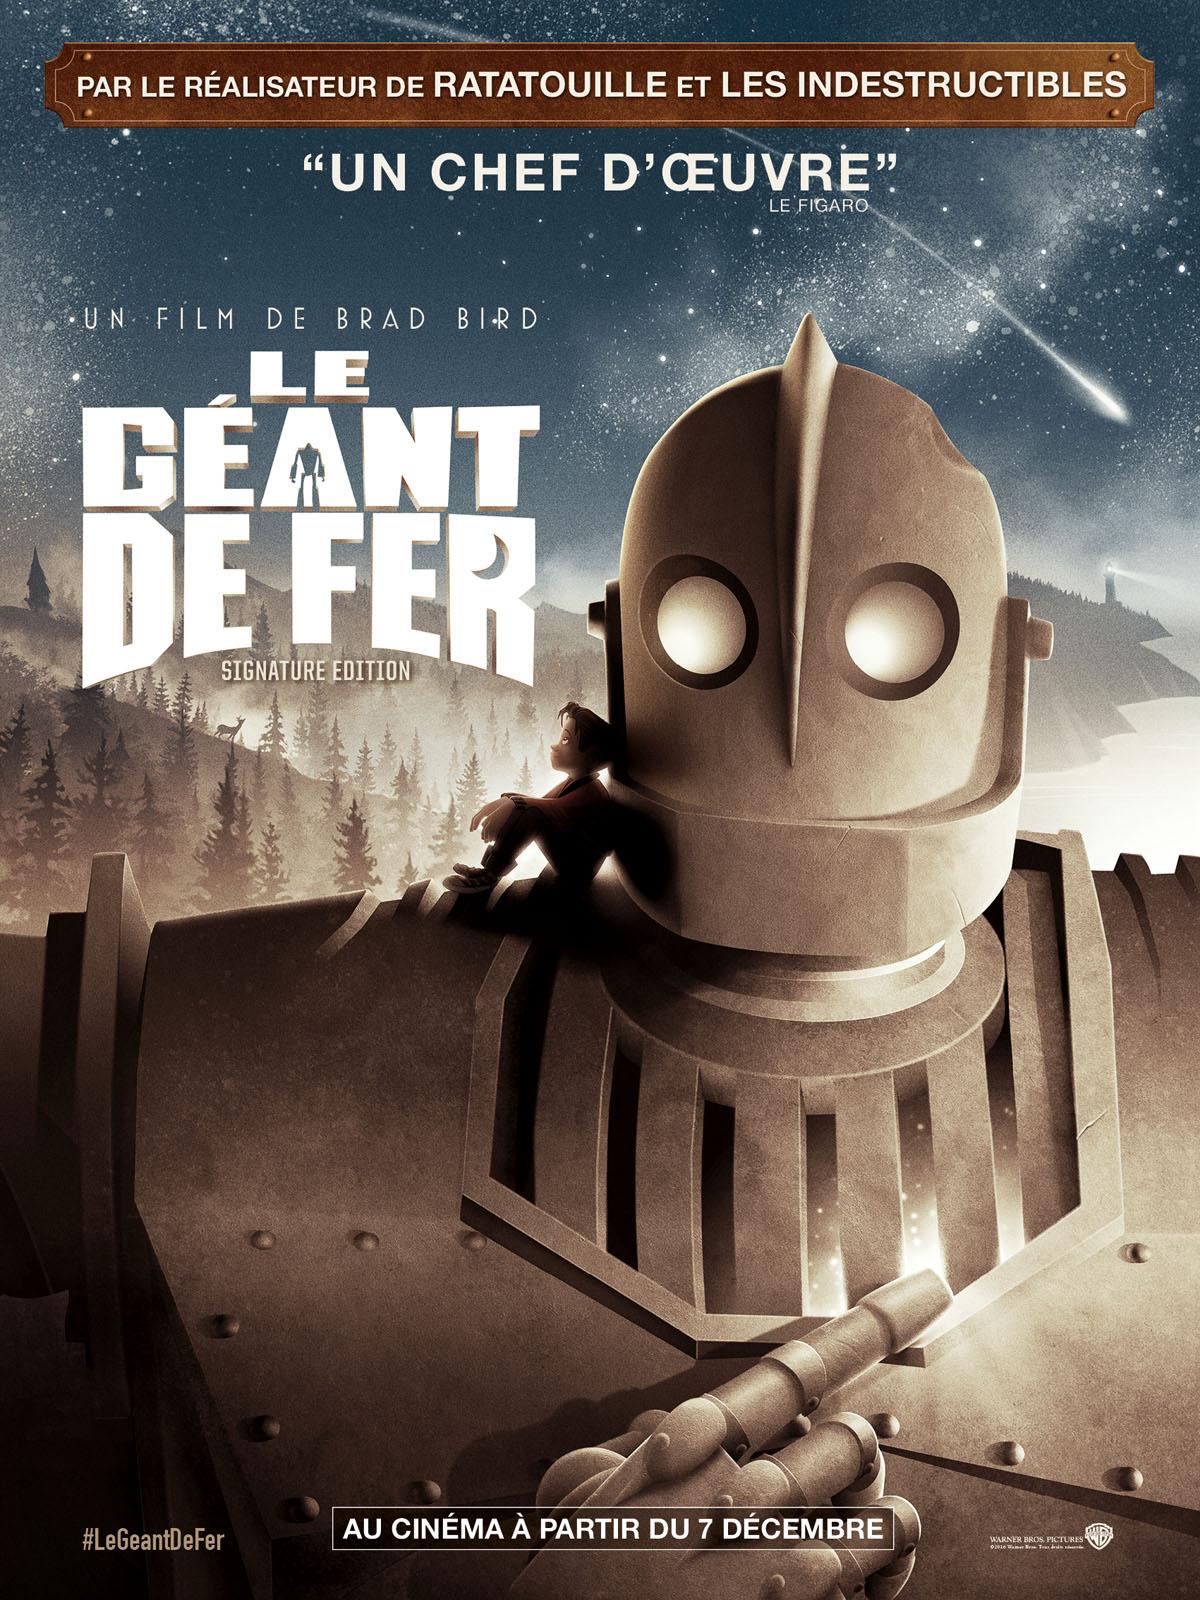 Affiche 2016 annonçant la ressortie du film en version restaurée.